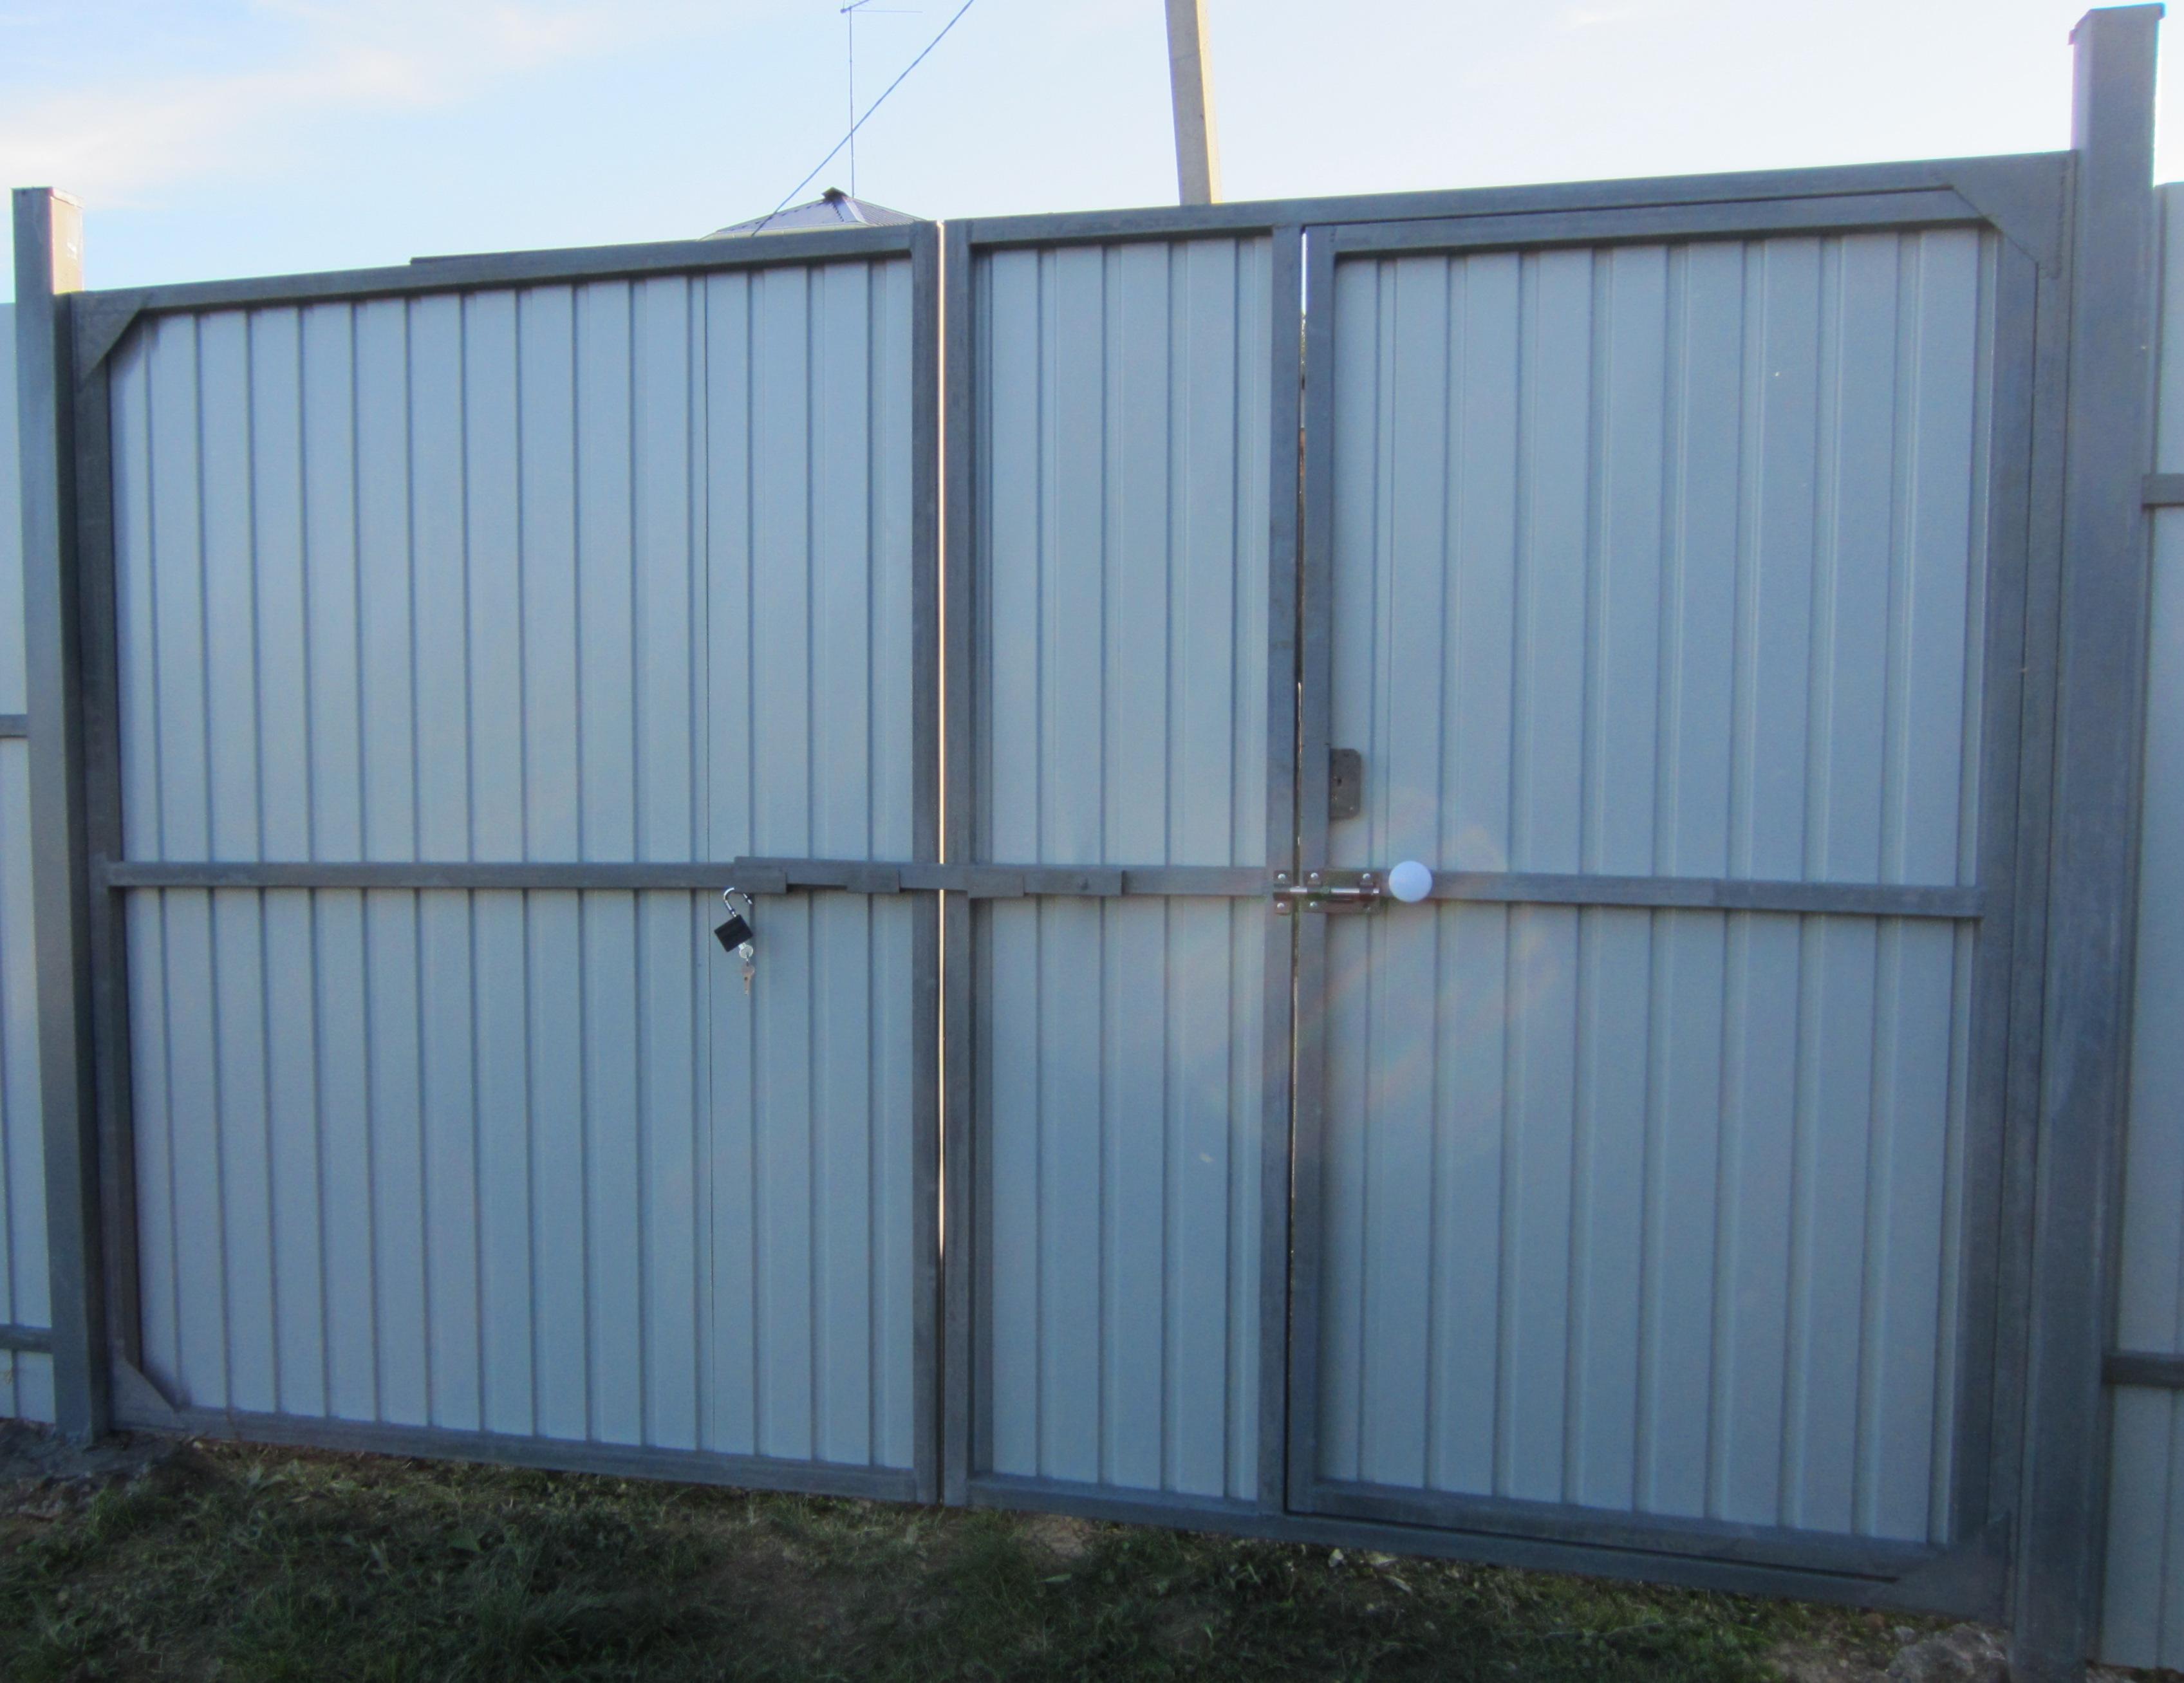 Ворота распашные из профнастила с внутренней калиткой ворота хвртки брами